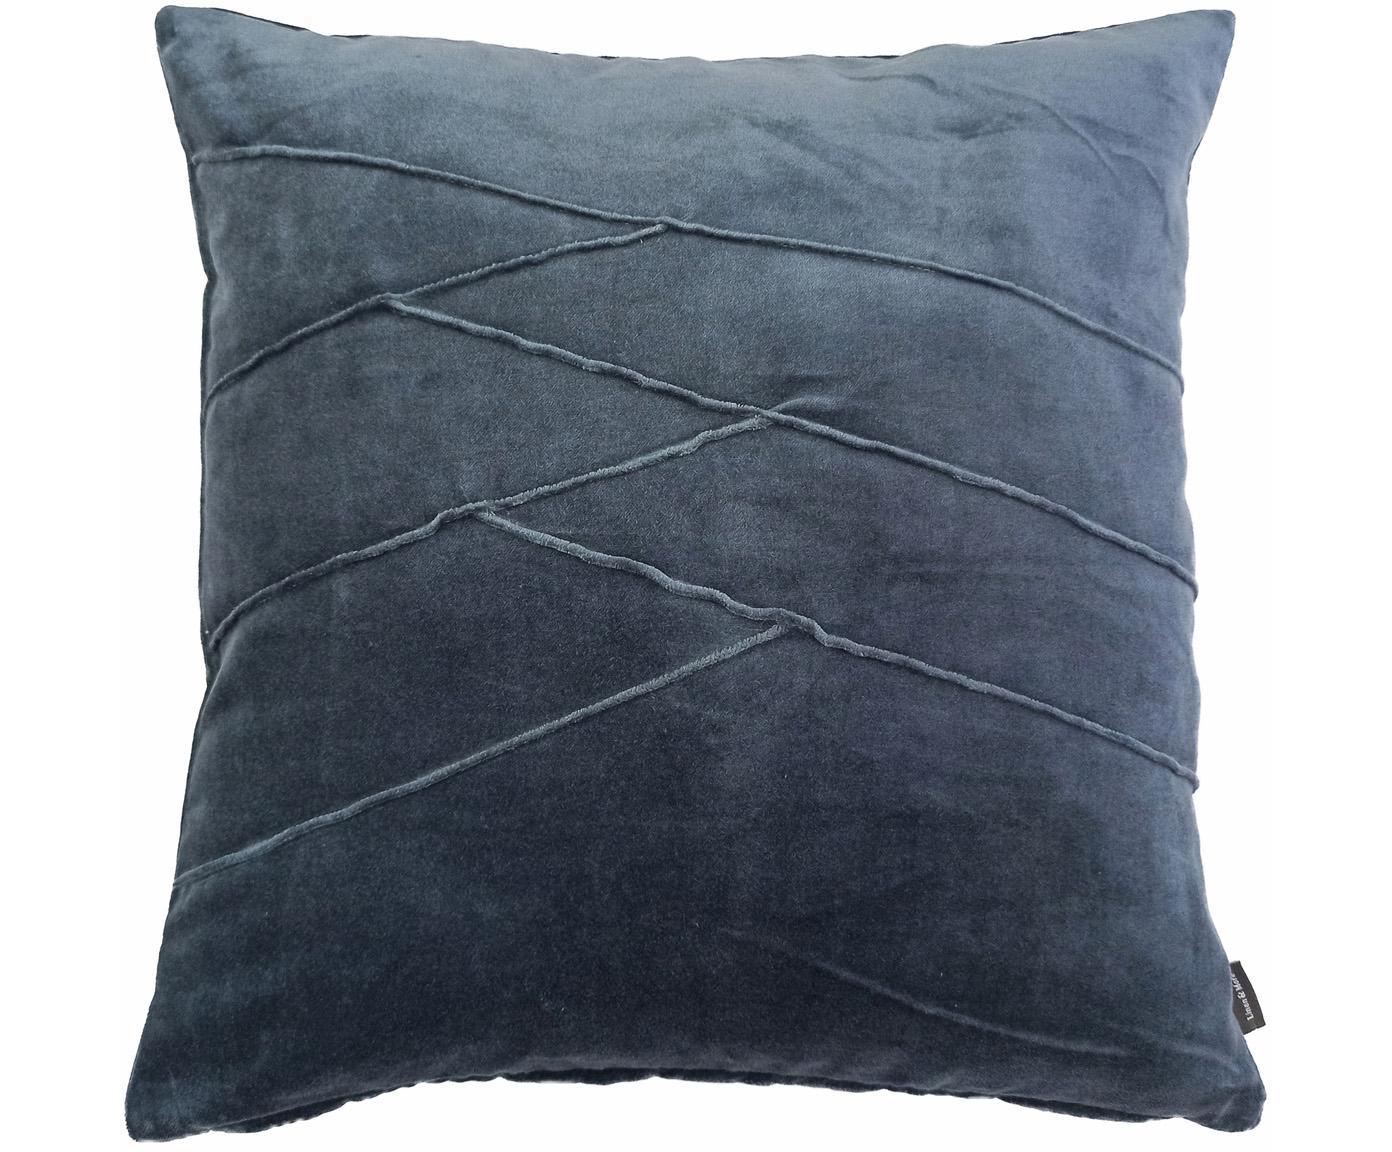 Samt-Kissen Pintuck in Blau mit erhabenem Strukturmuster, mit Inlett, Bezug: 55% Rayon, 45% Baumwolle, Webart: Samt, Blau, 45 x 45 cm